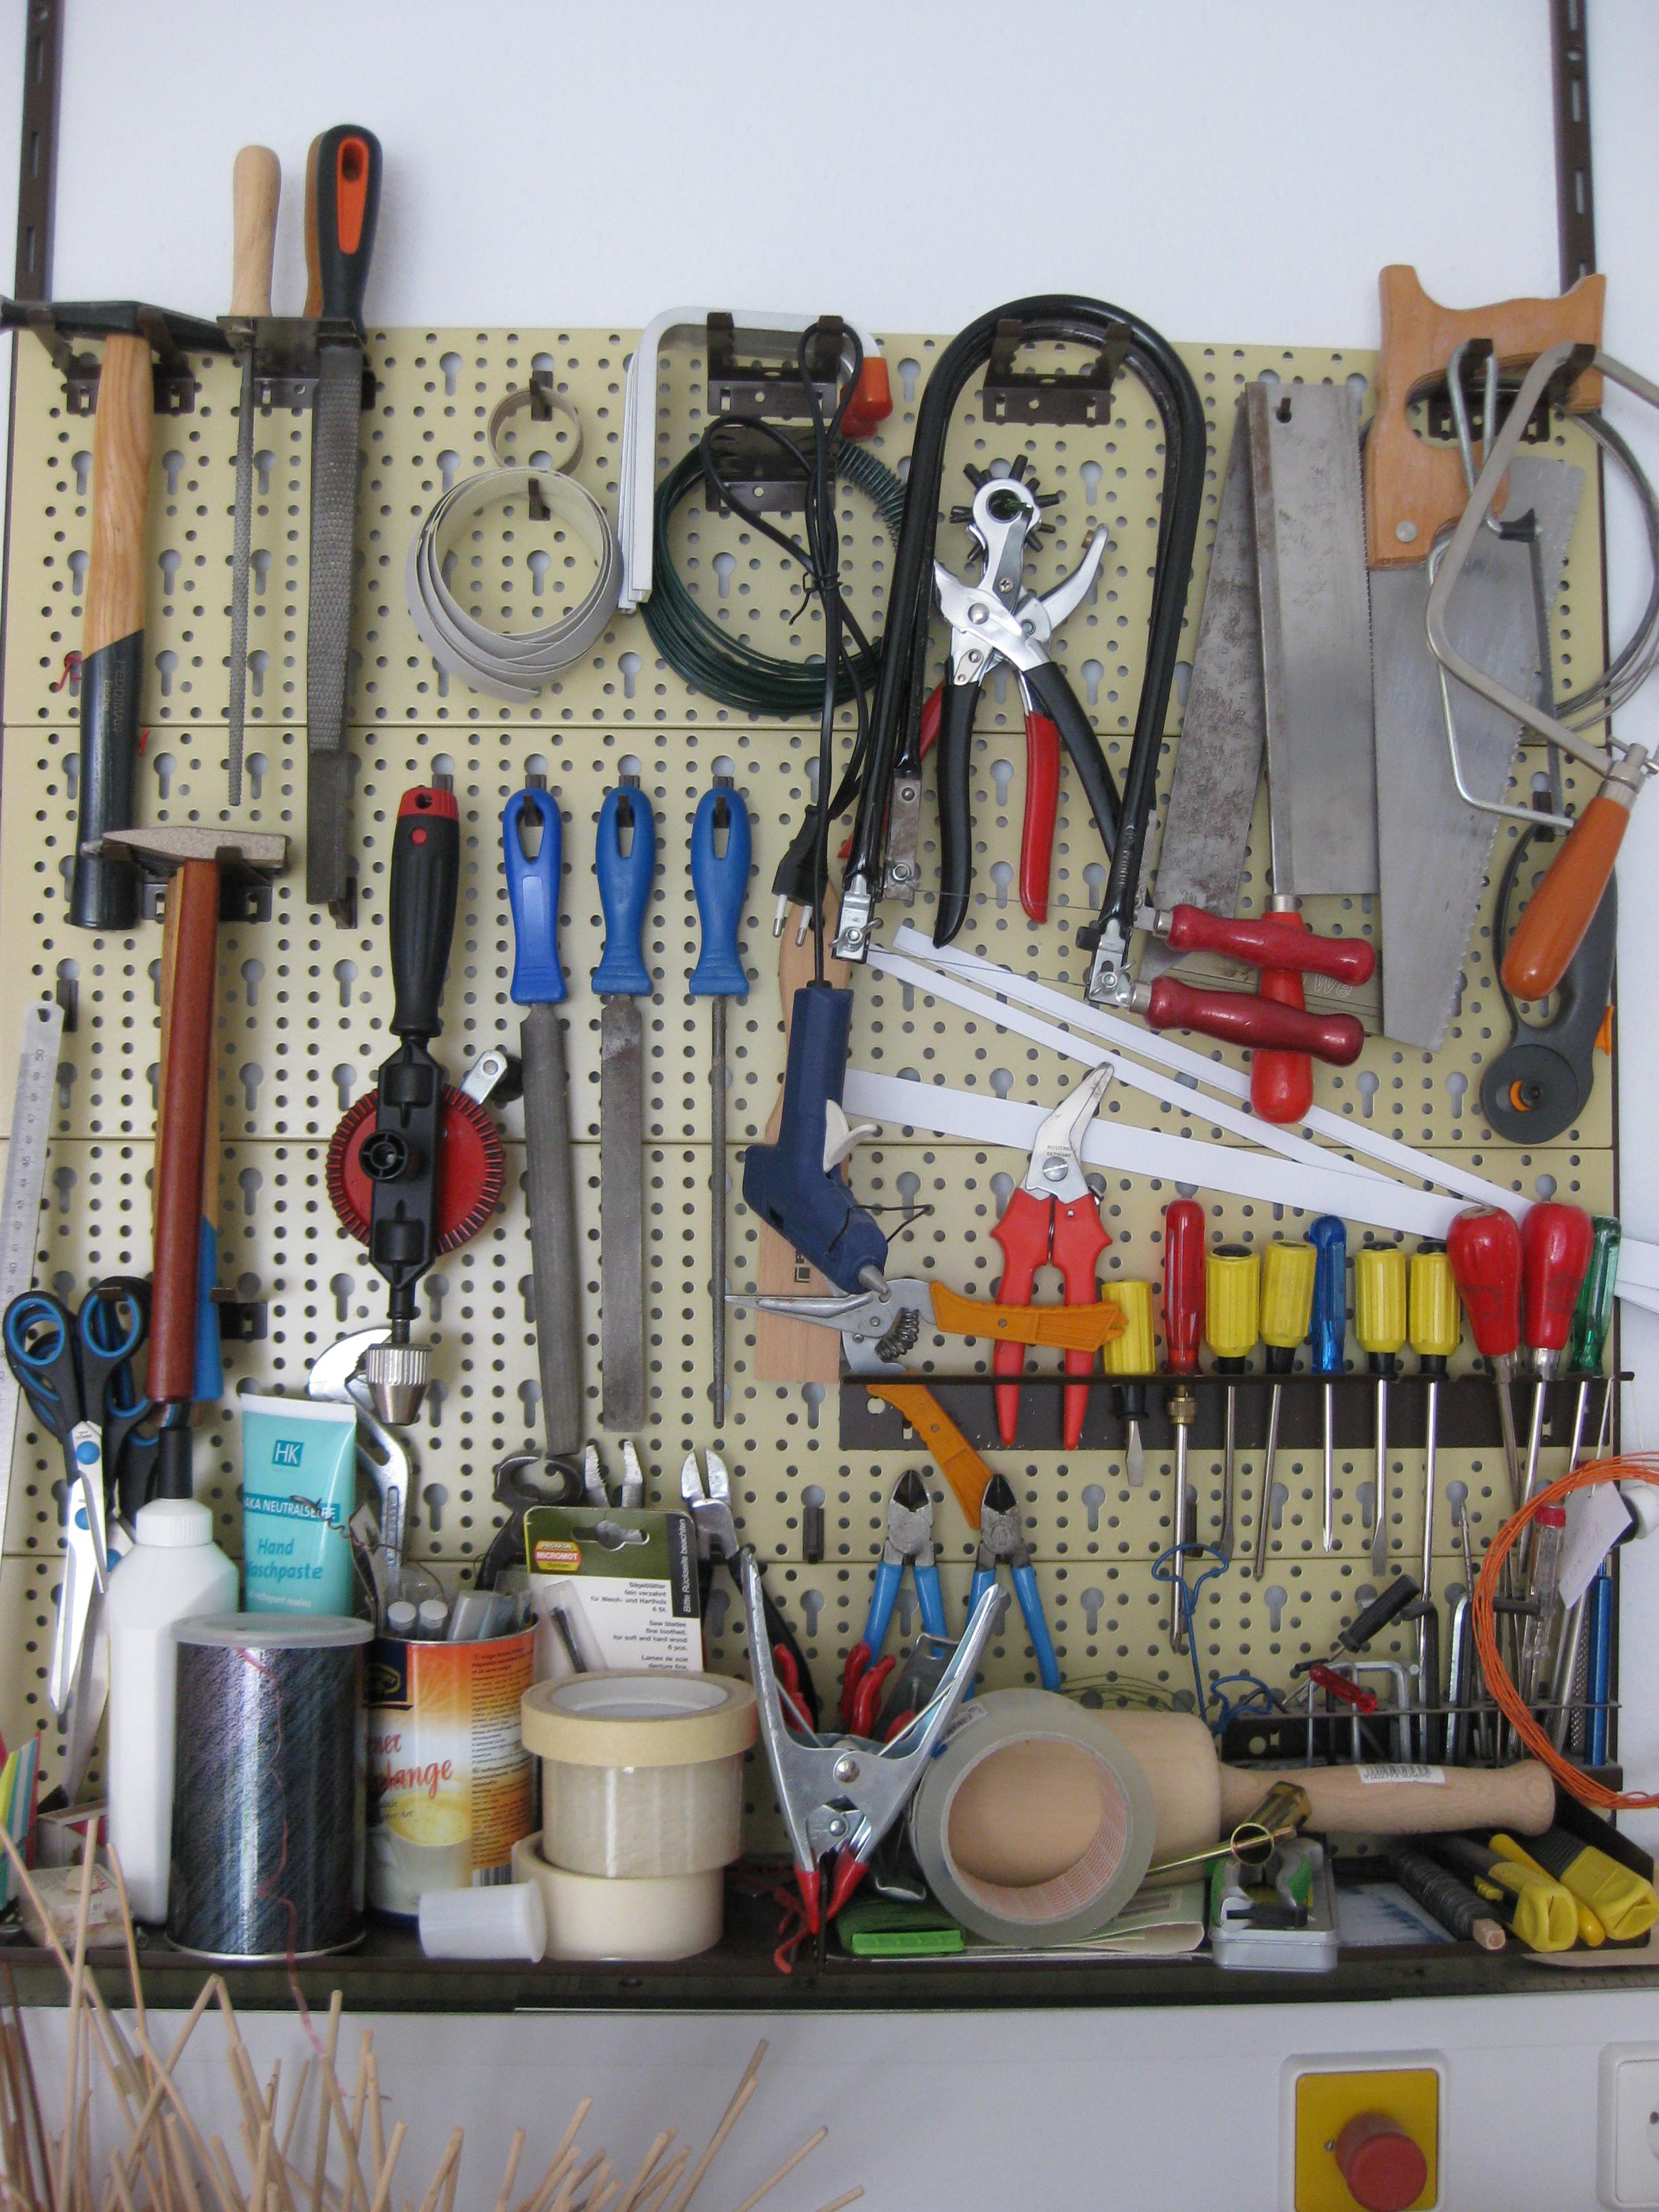 28.Die Werkzeuge